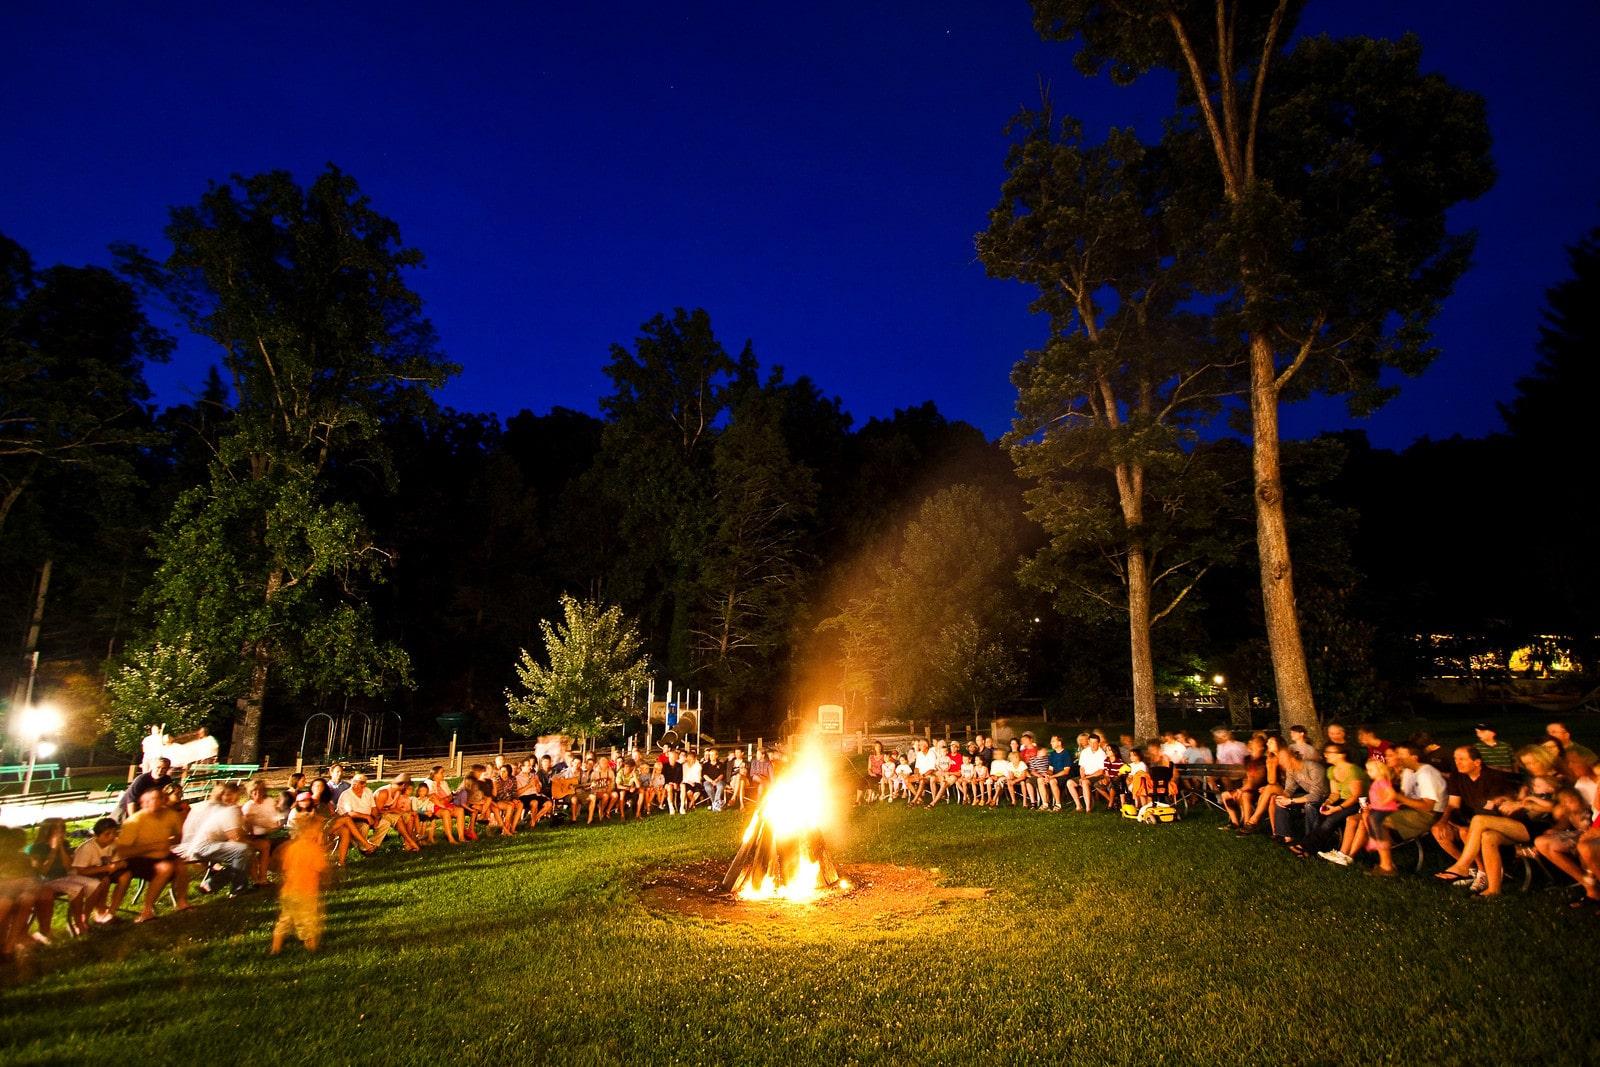 Capezio - Capon - Campfire1